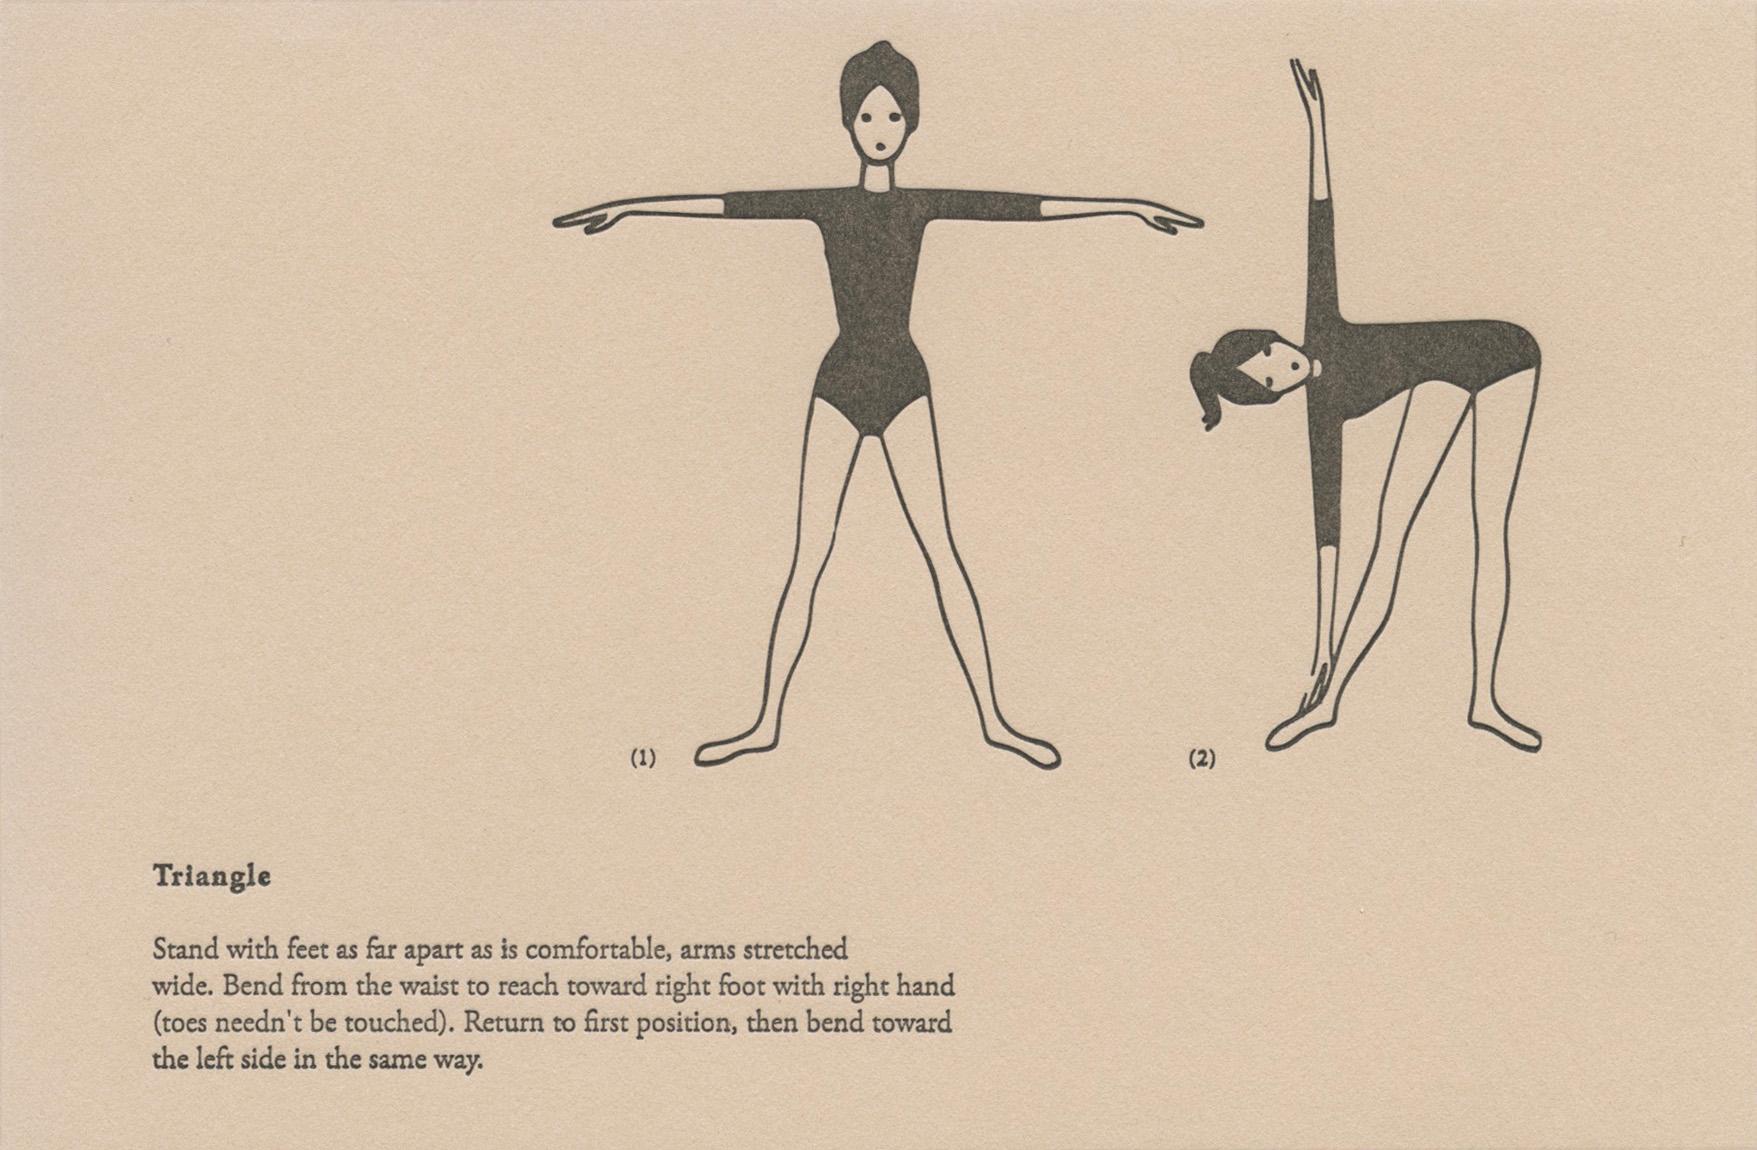 Yoga Poses : Triangle